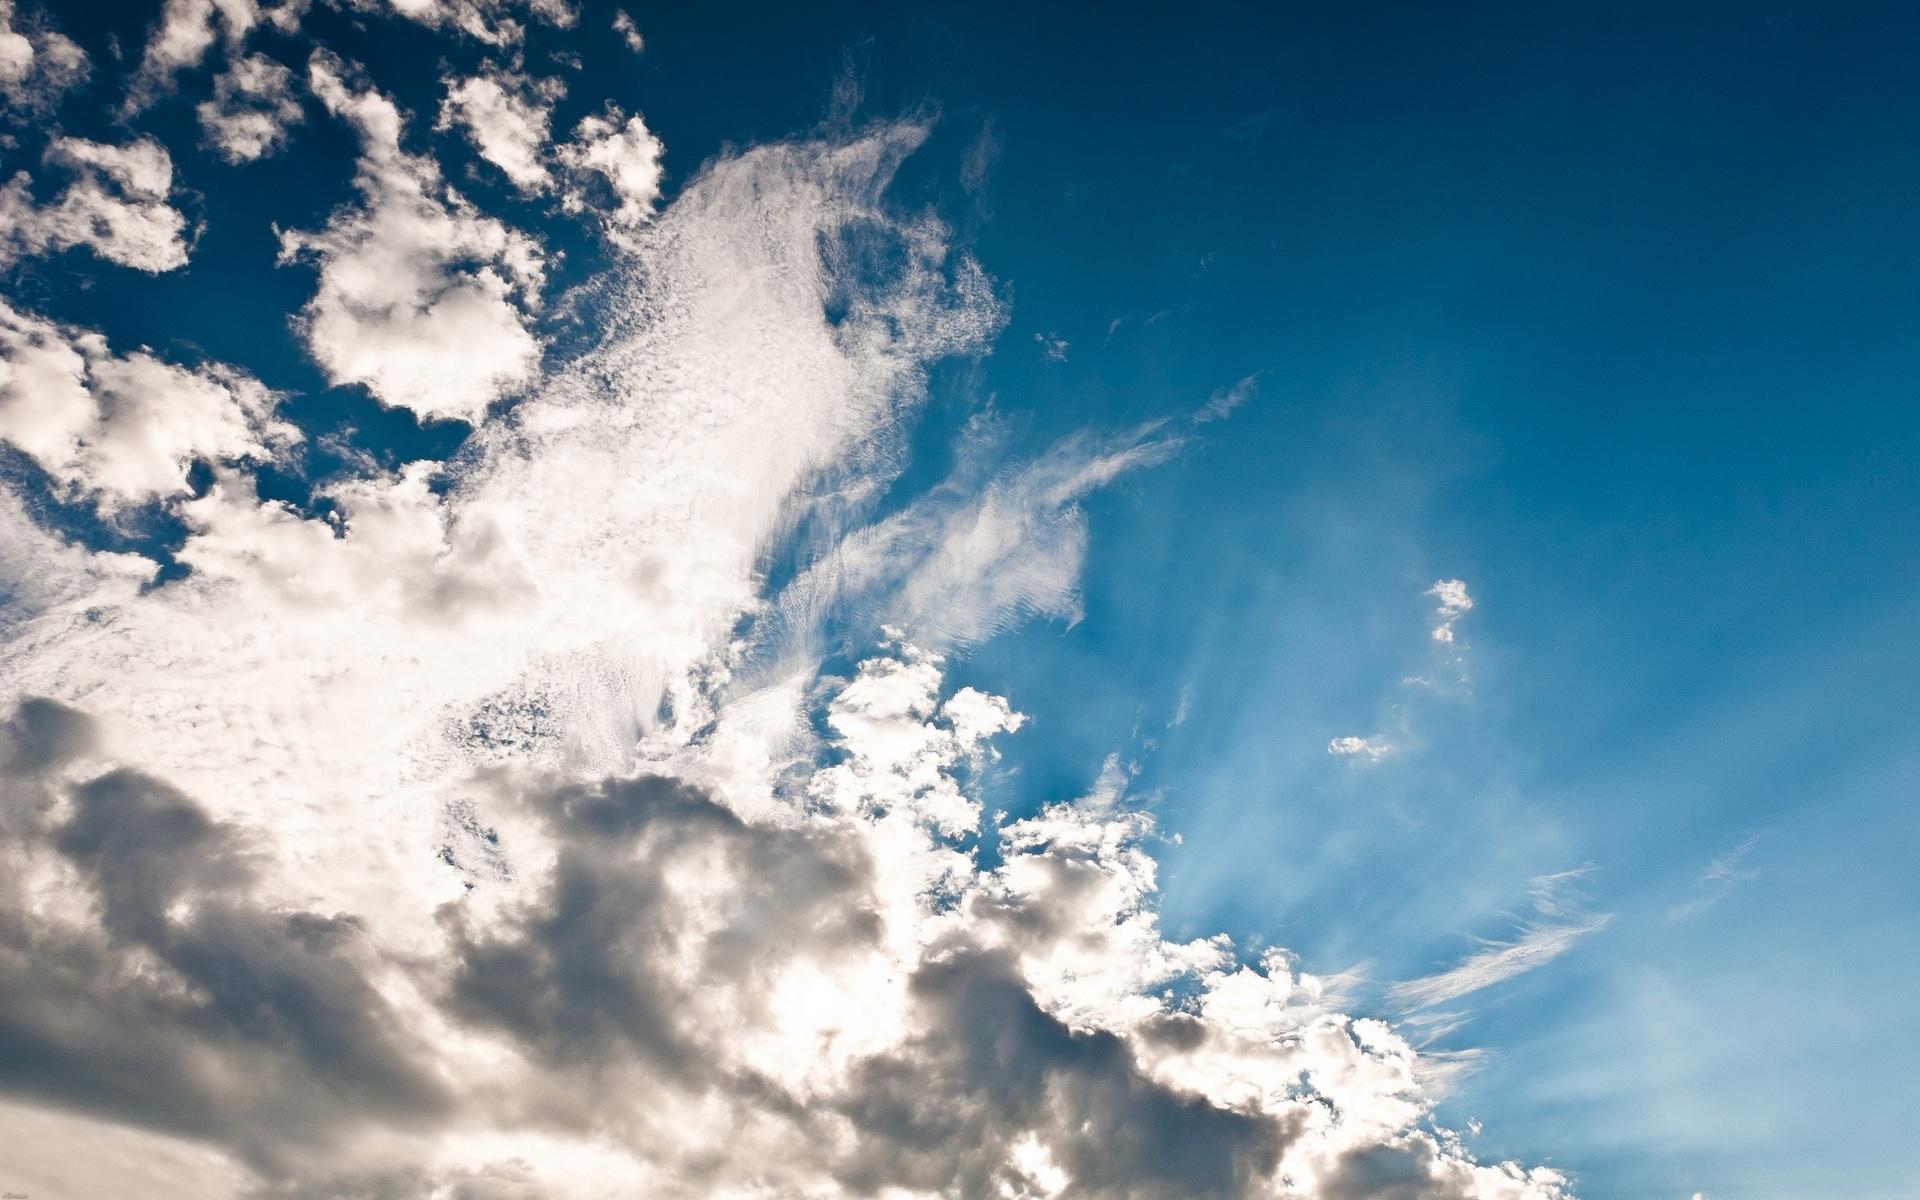 она красивые фото неба высокого качества учета электричества установлены